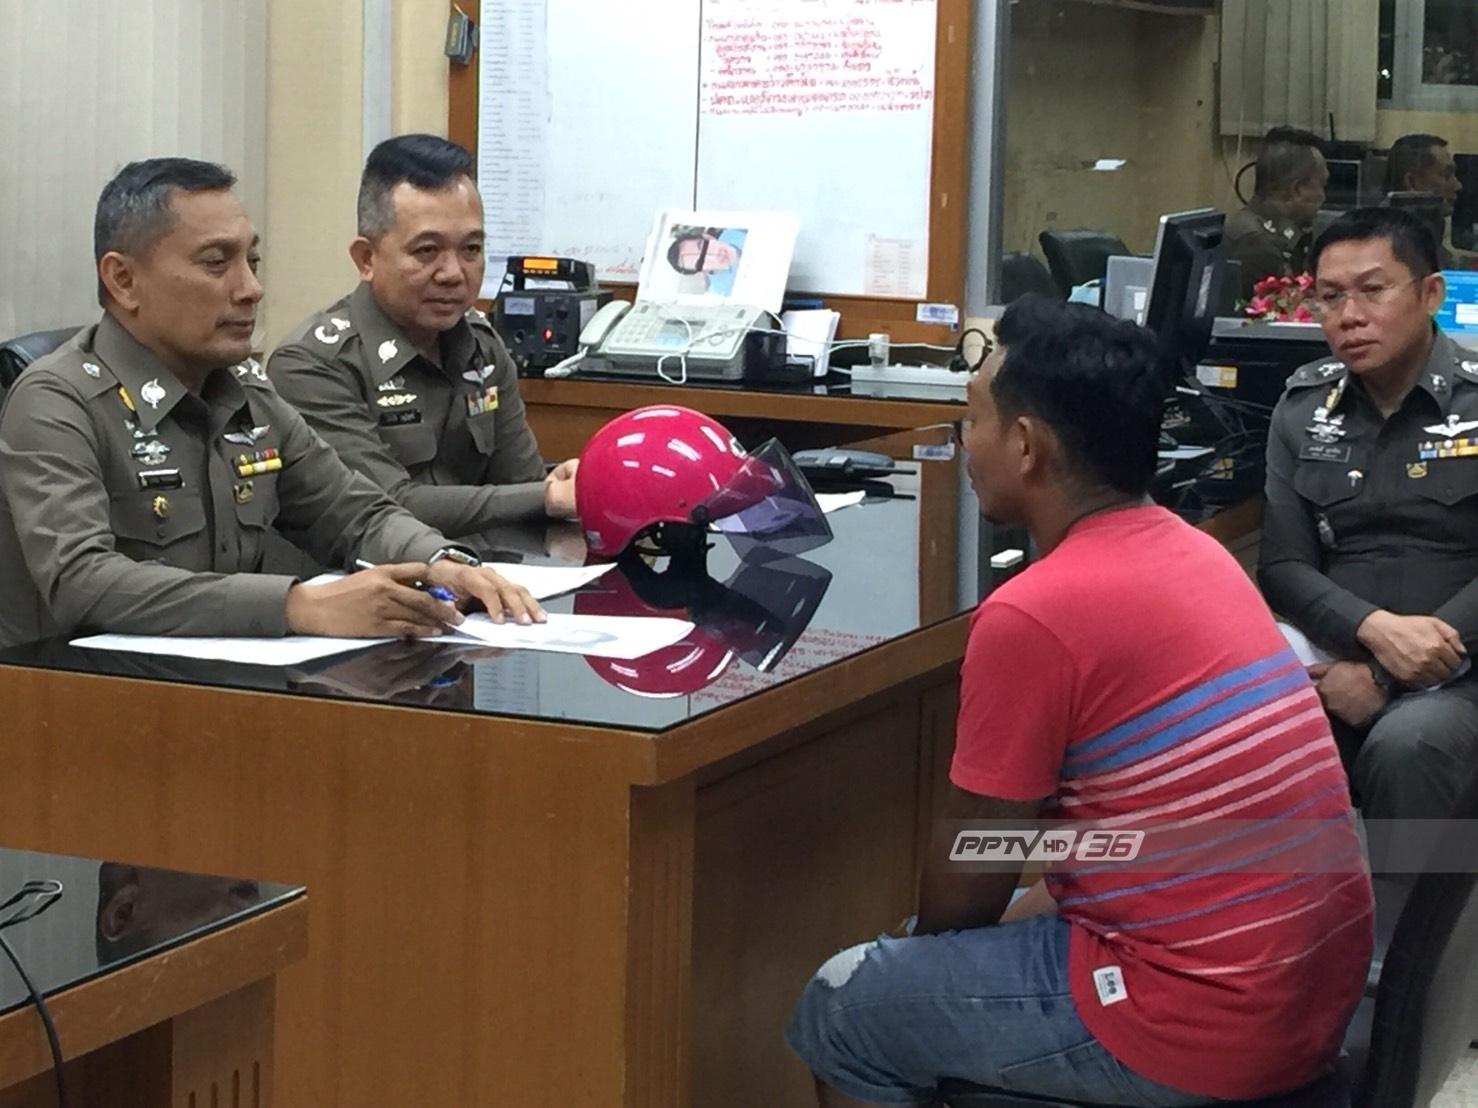 ตำรวจแจ้ง 5 ข้อหา หนุ่มอ้างตัวเป็นวินมอเตอร์ไซค์ เรียกเก็บเงินแพงเกินจริง